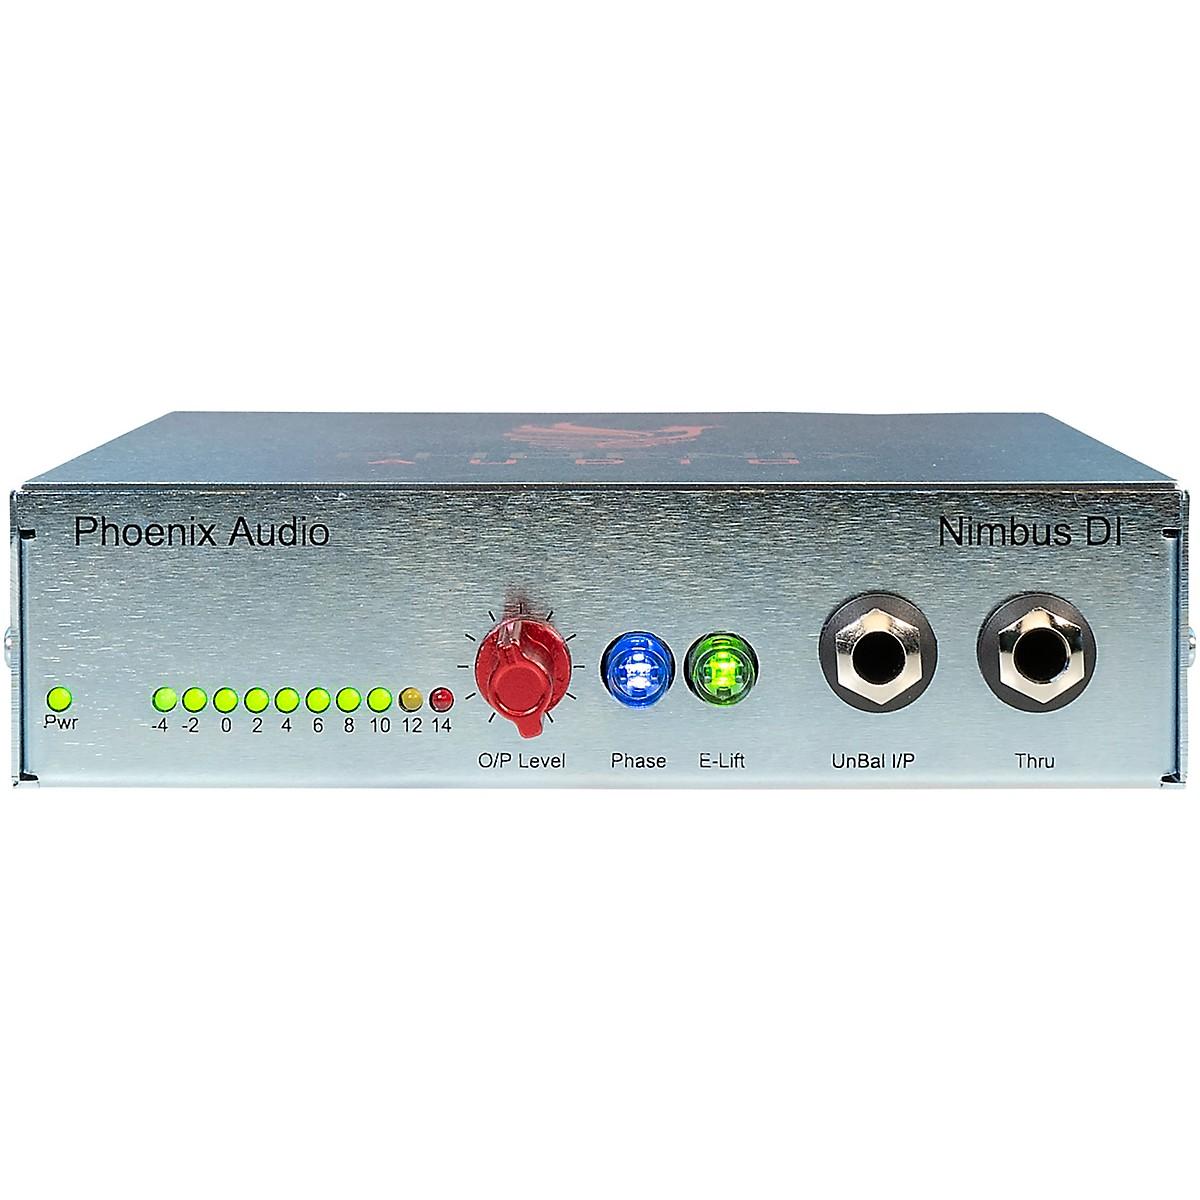 Phoenix Audio Nimbus DI Mono Class A Active DI